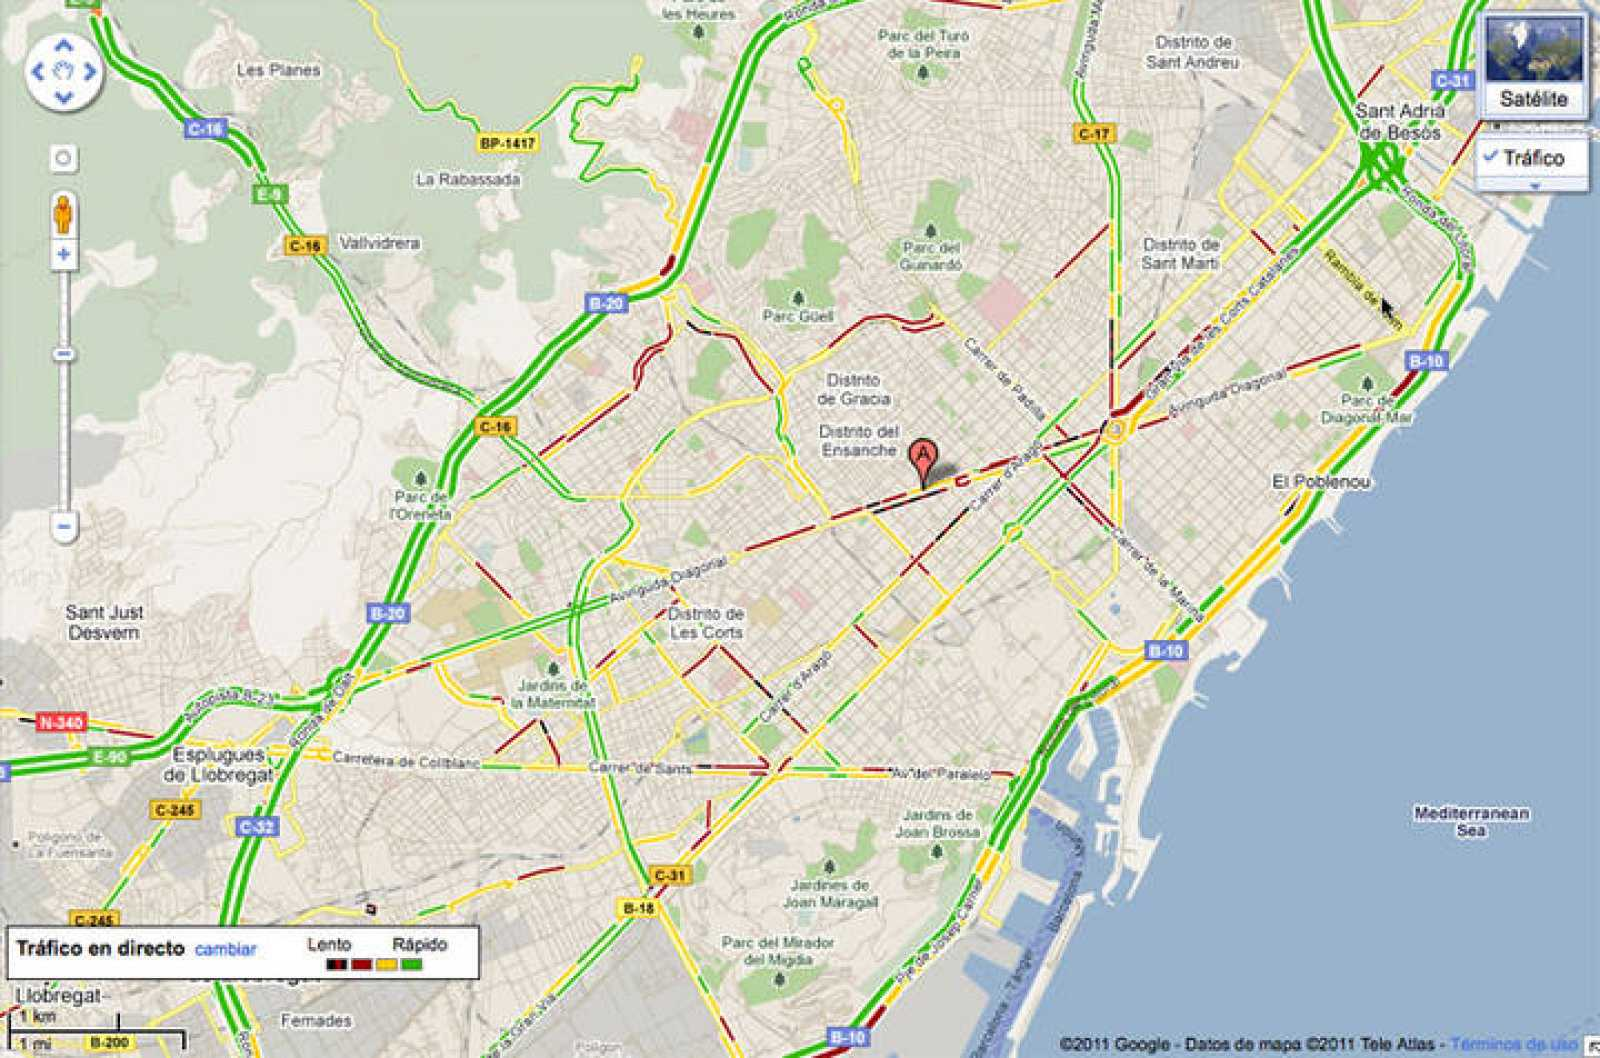 Se muestran los niveles de tráfico en las principales vías en una capa superpuesta de color verde, rojo o negro (rápido, lento o 'gran atasco').